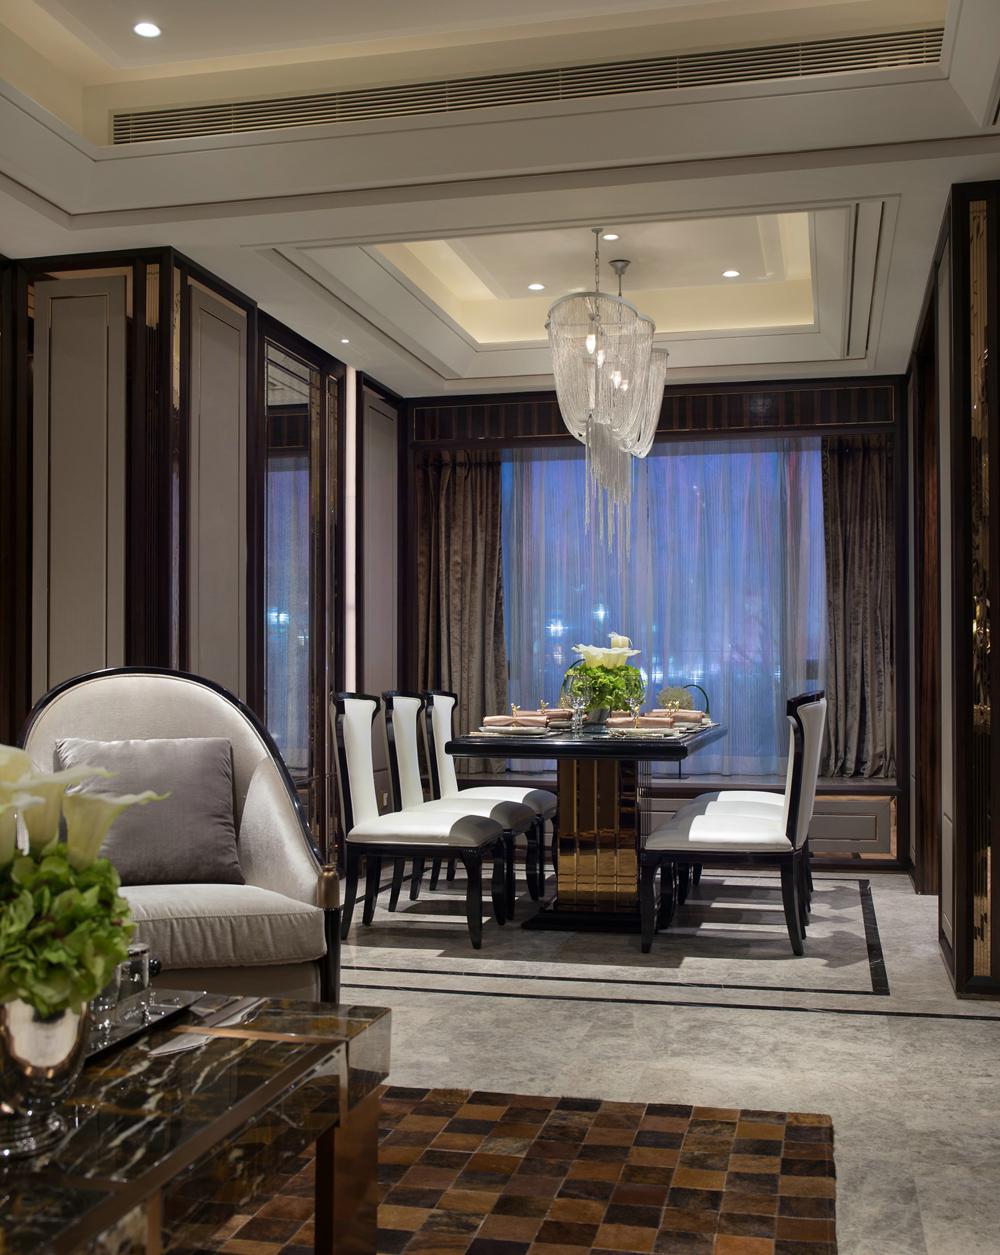 现代简欧风格,客厅装修效果图,现代港式.|空间|室内图片